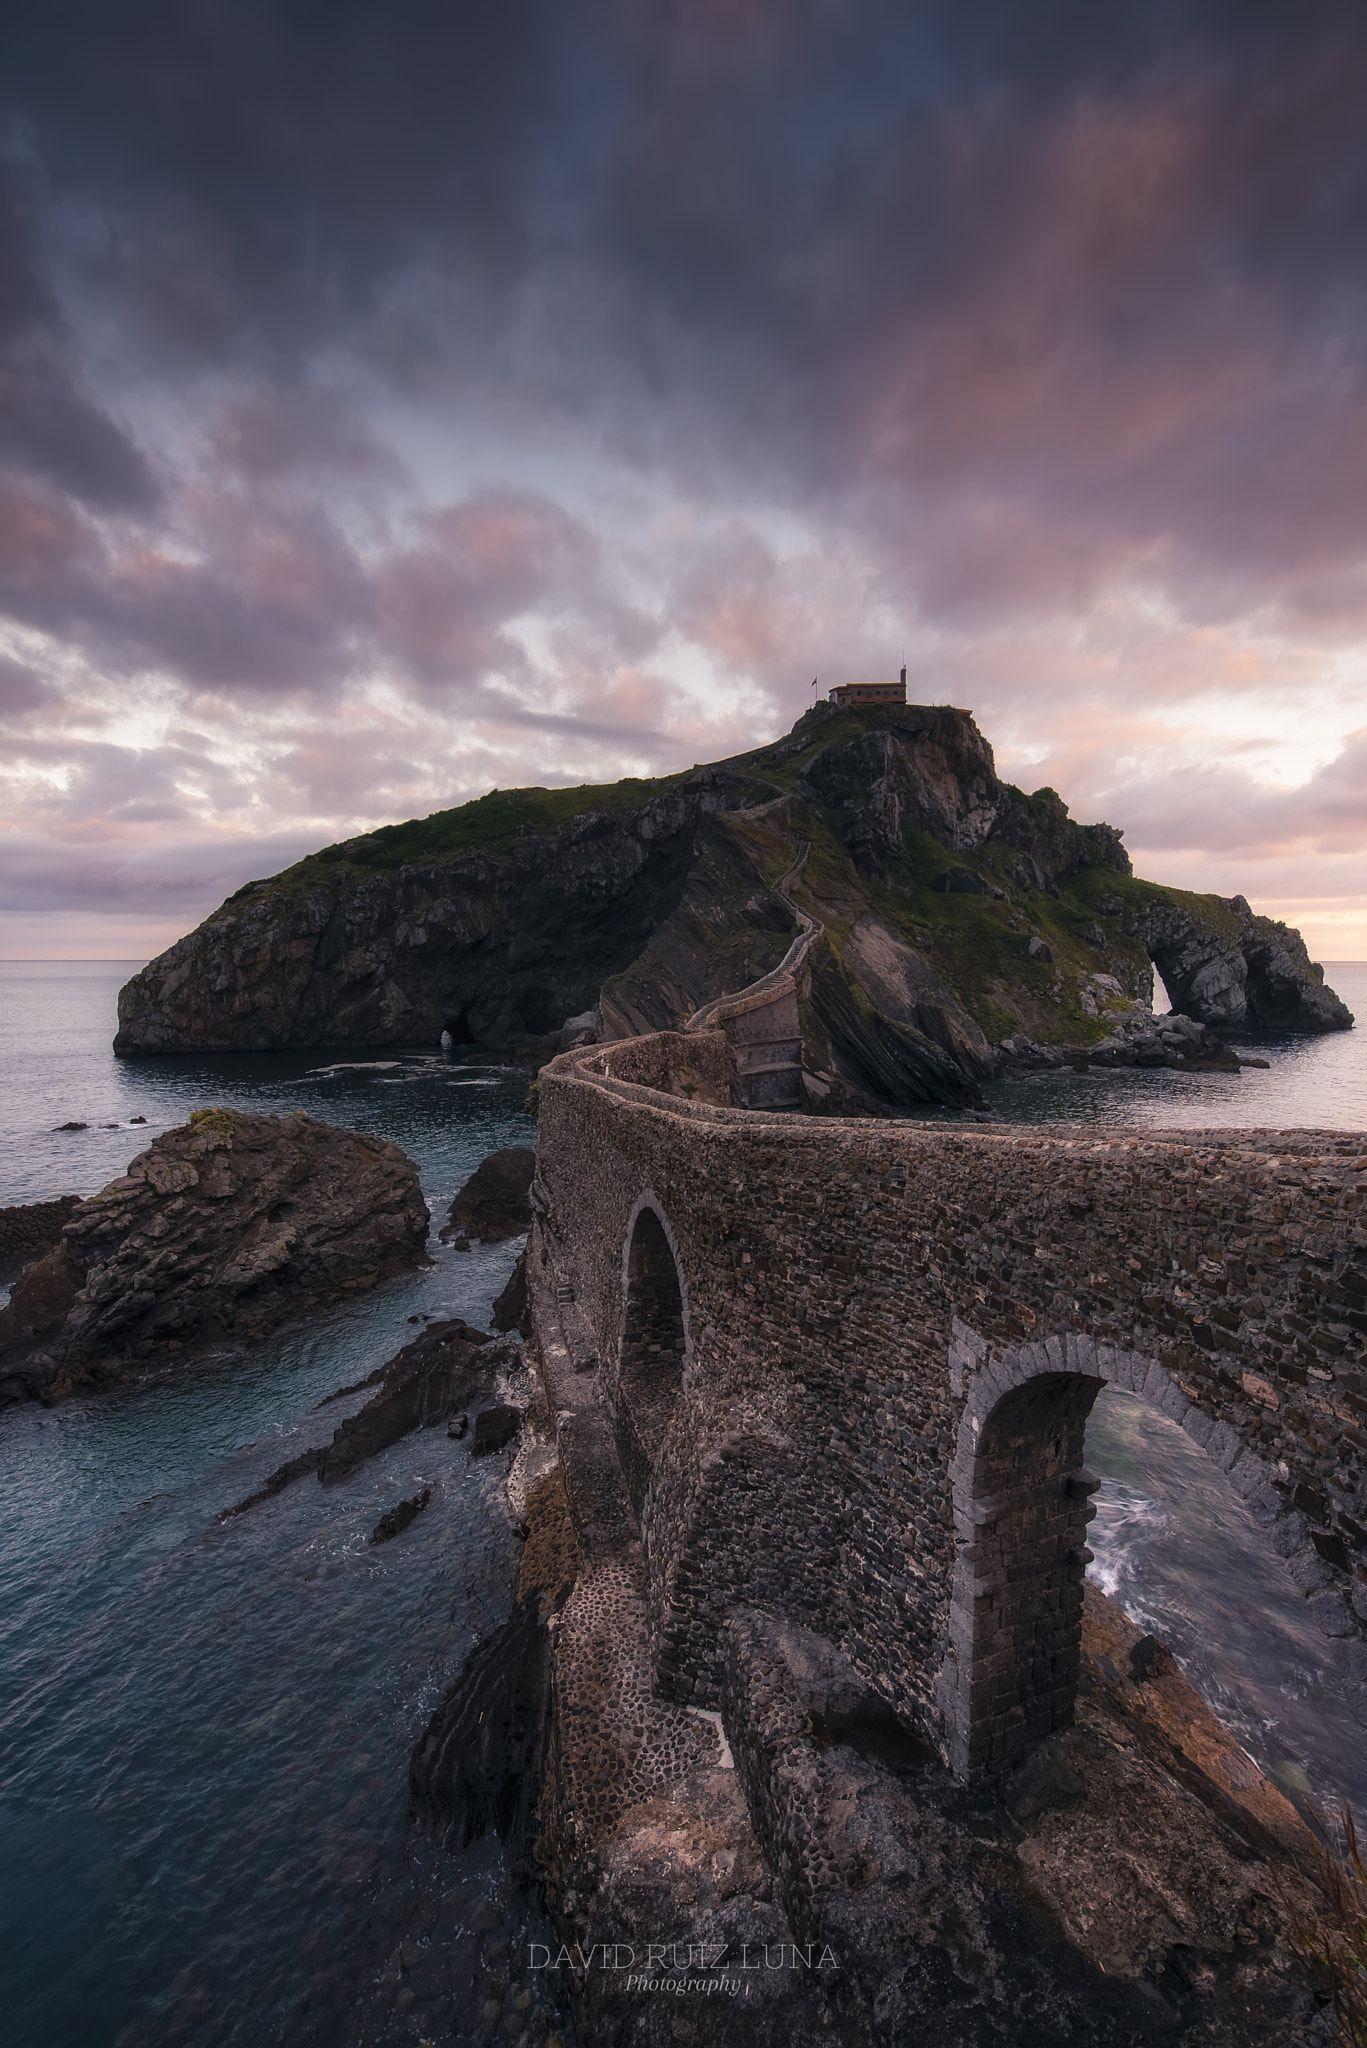 Games Of Thrones Is Coming San Juan De Gaztelugatxe Northern Spain Spain